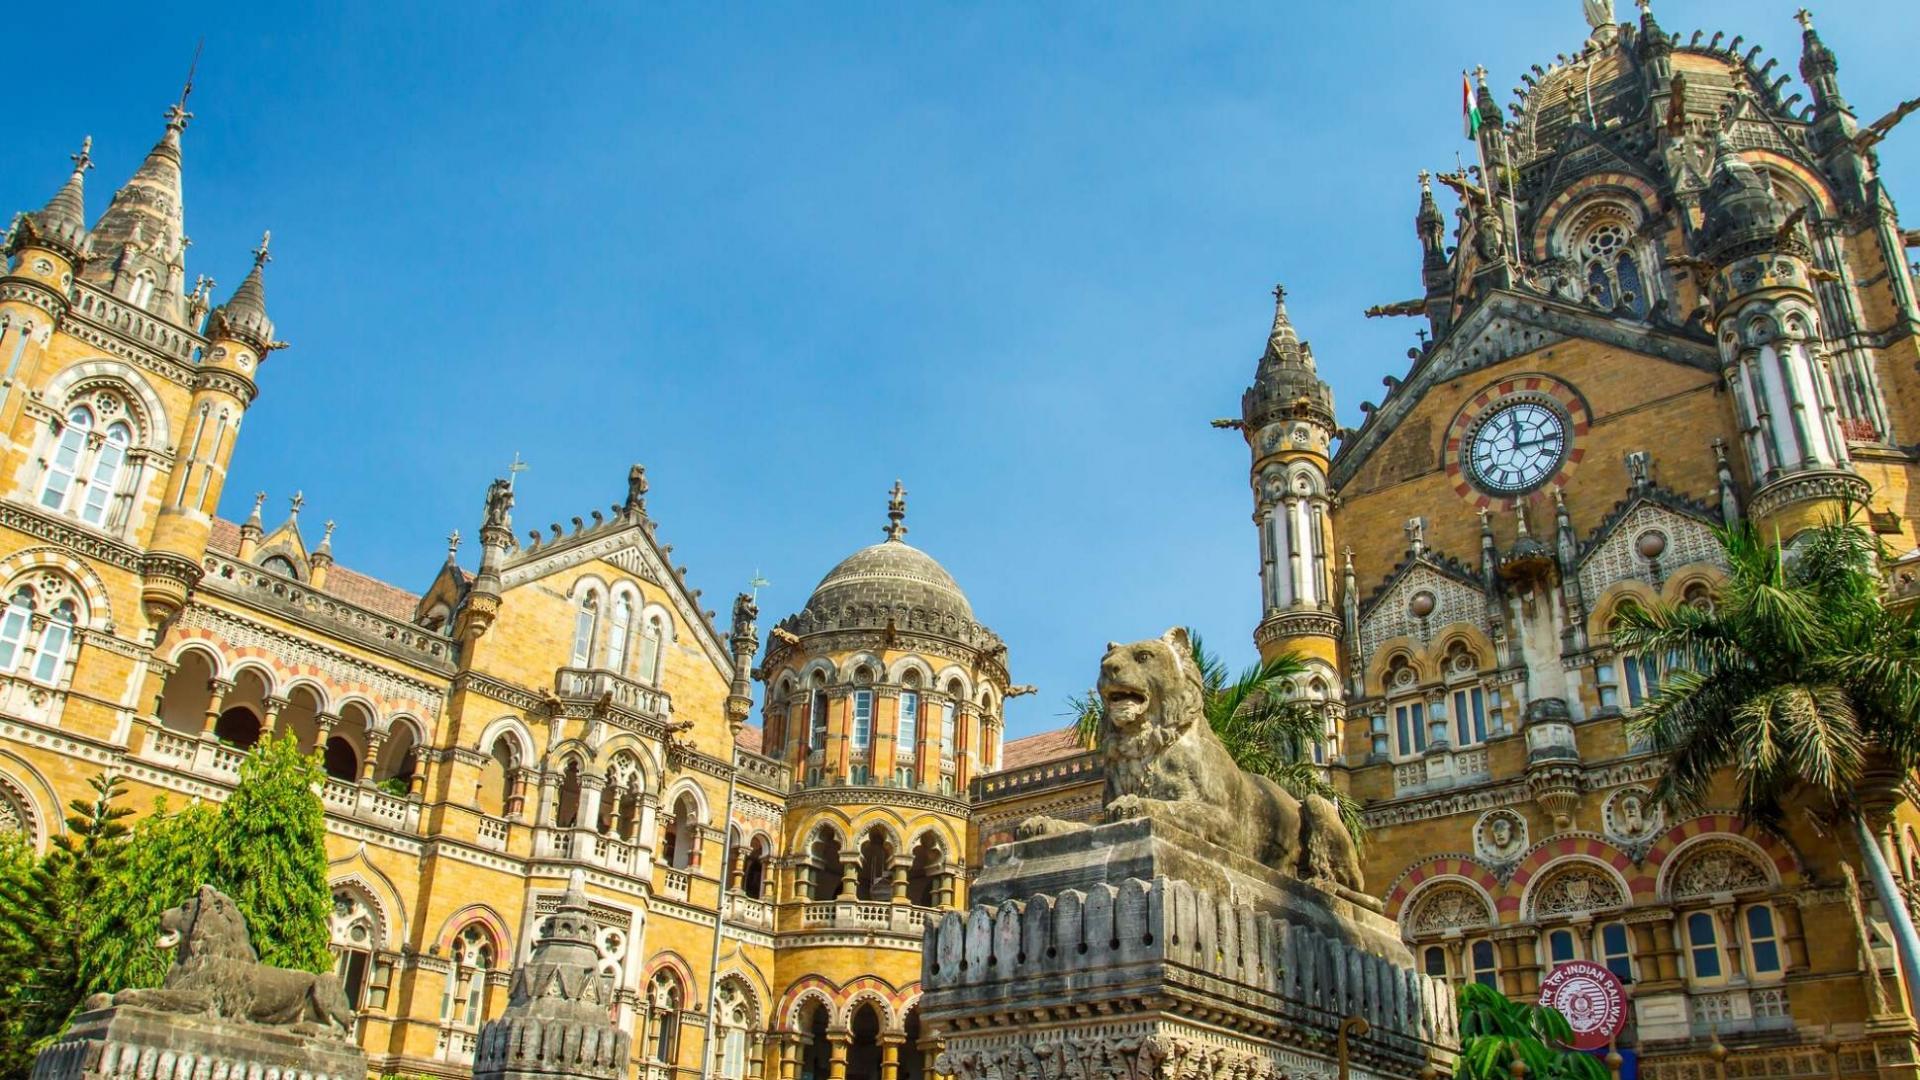 Keliaudami kruizu po Tolimuosius Rytus aplankysite įspūdingąjį Mumbajų